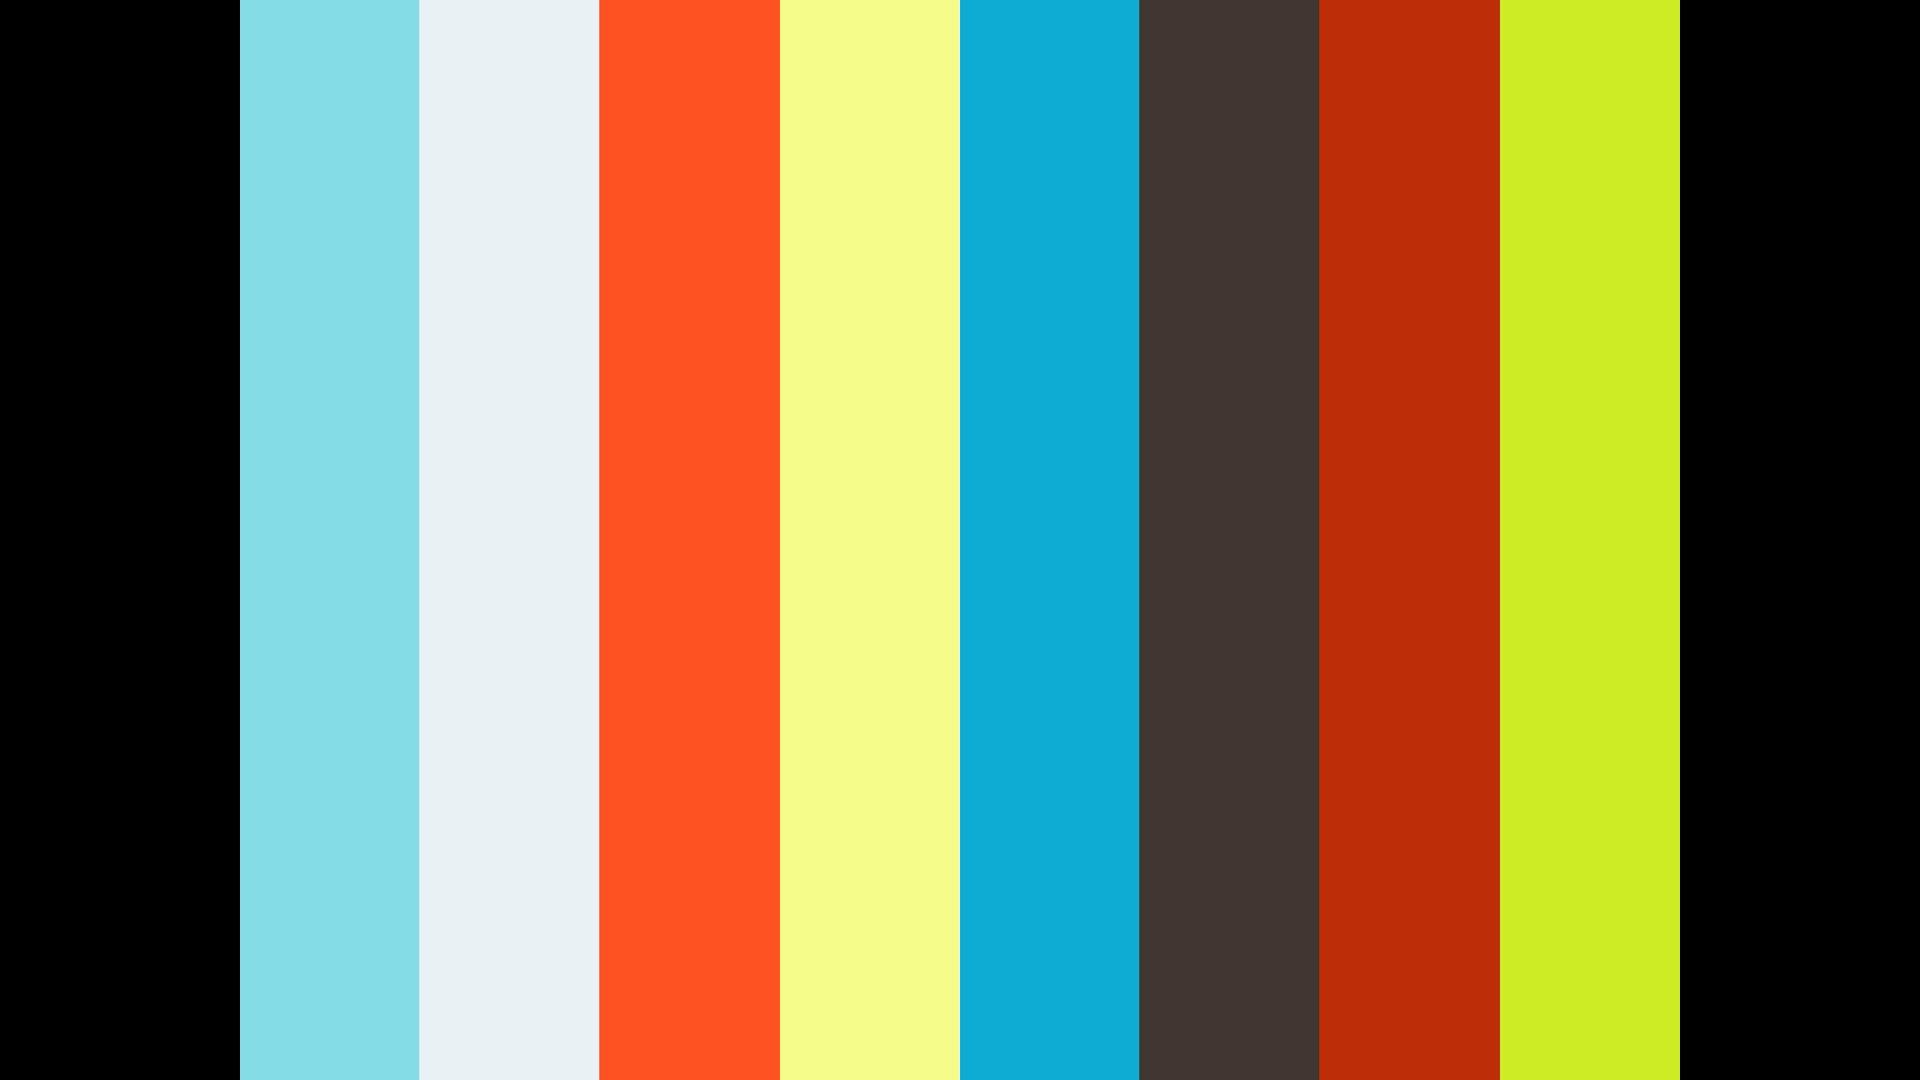 Tone Light 21. 21/06/21 (36 min)